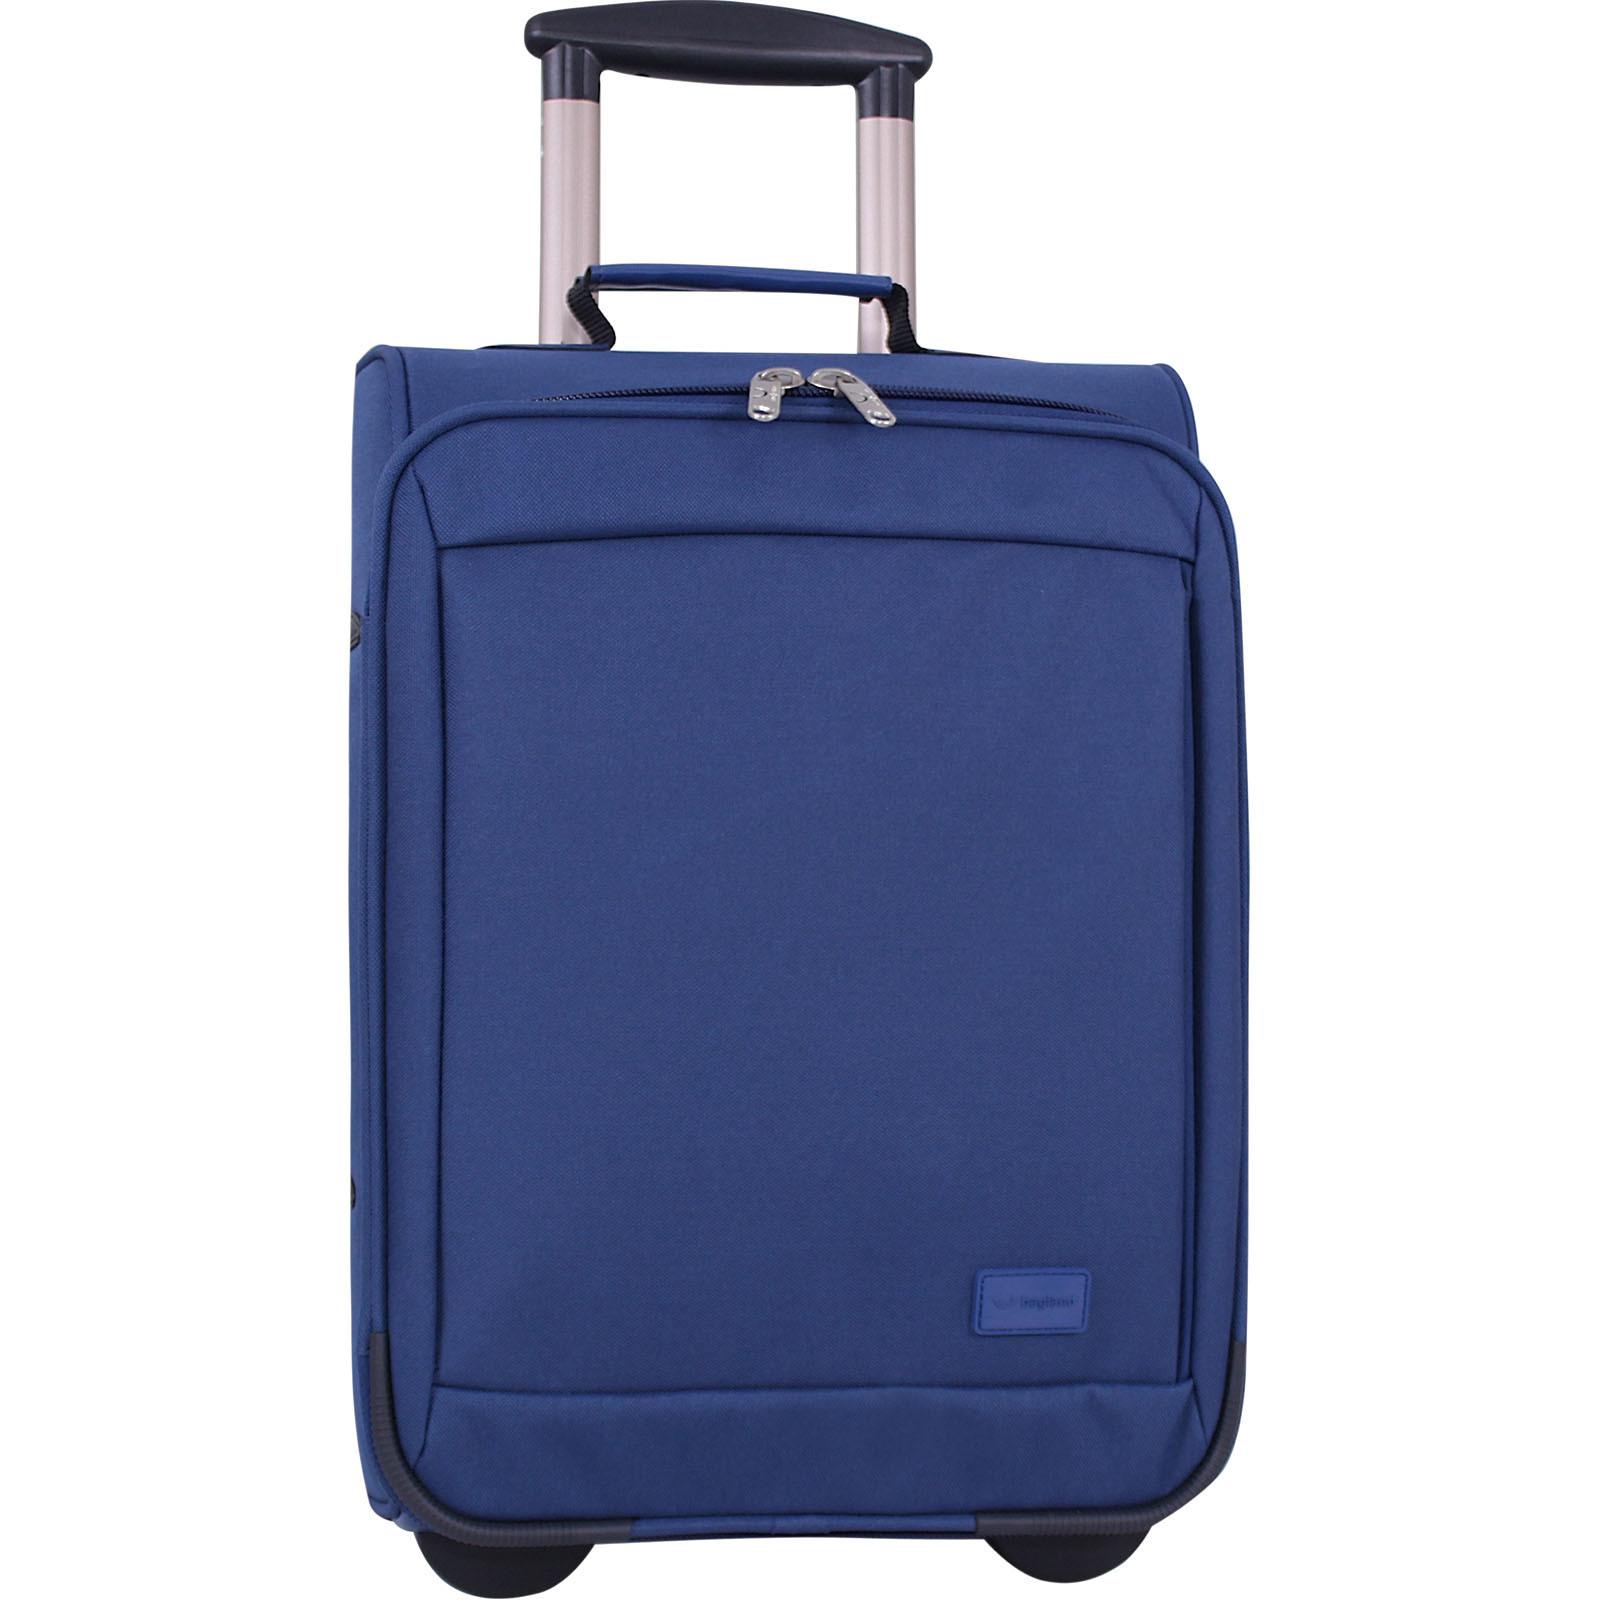 Дорожные чемоданы Чемодан Bagland Ambassador 27 л. Синий (003766617) IMG_5850-1600.jpg